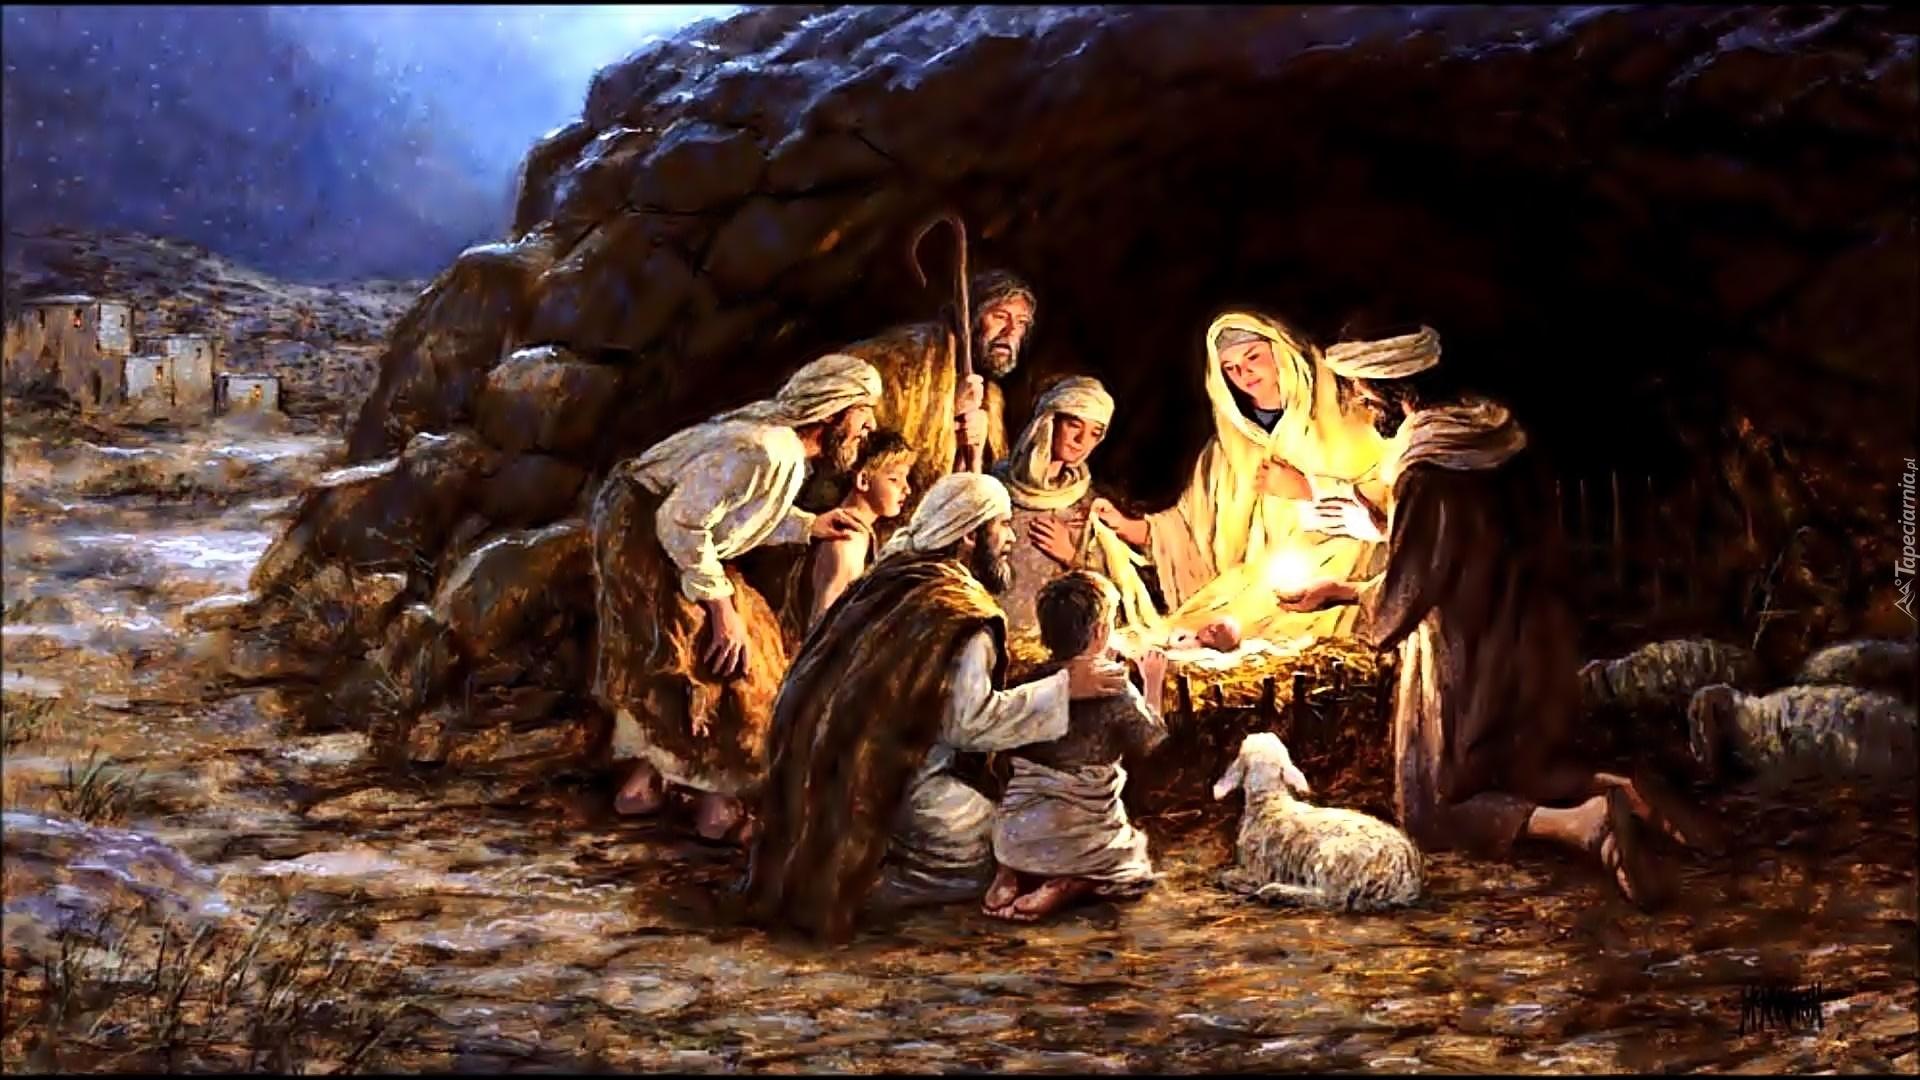 Znalezione obrazy dla zapytania pasterze przy żłóbku